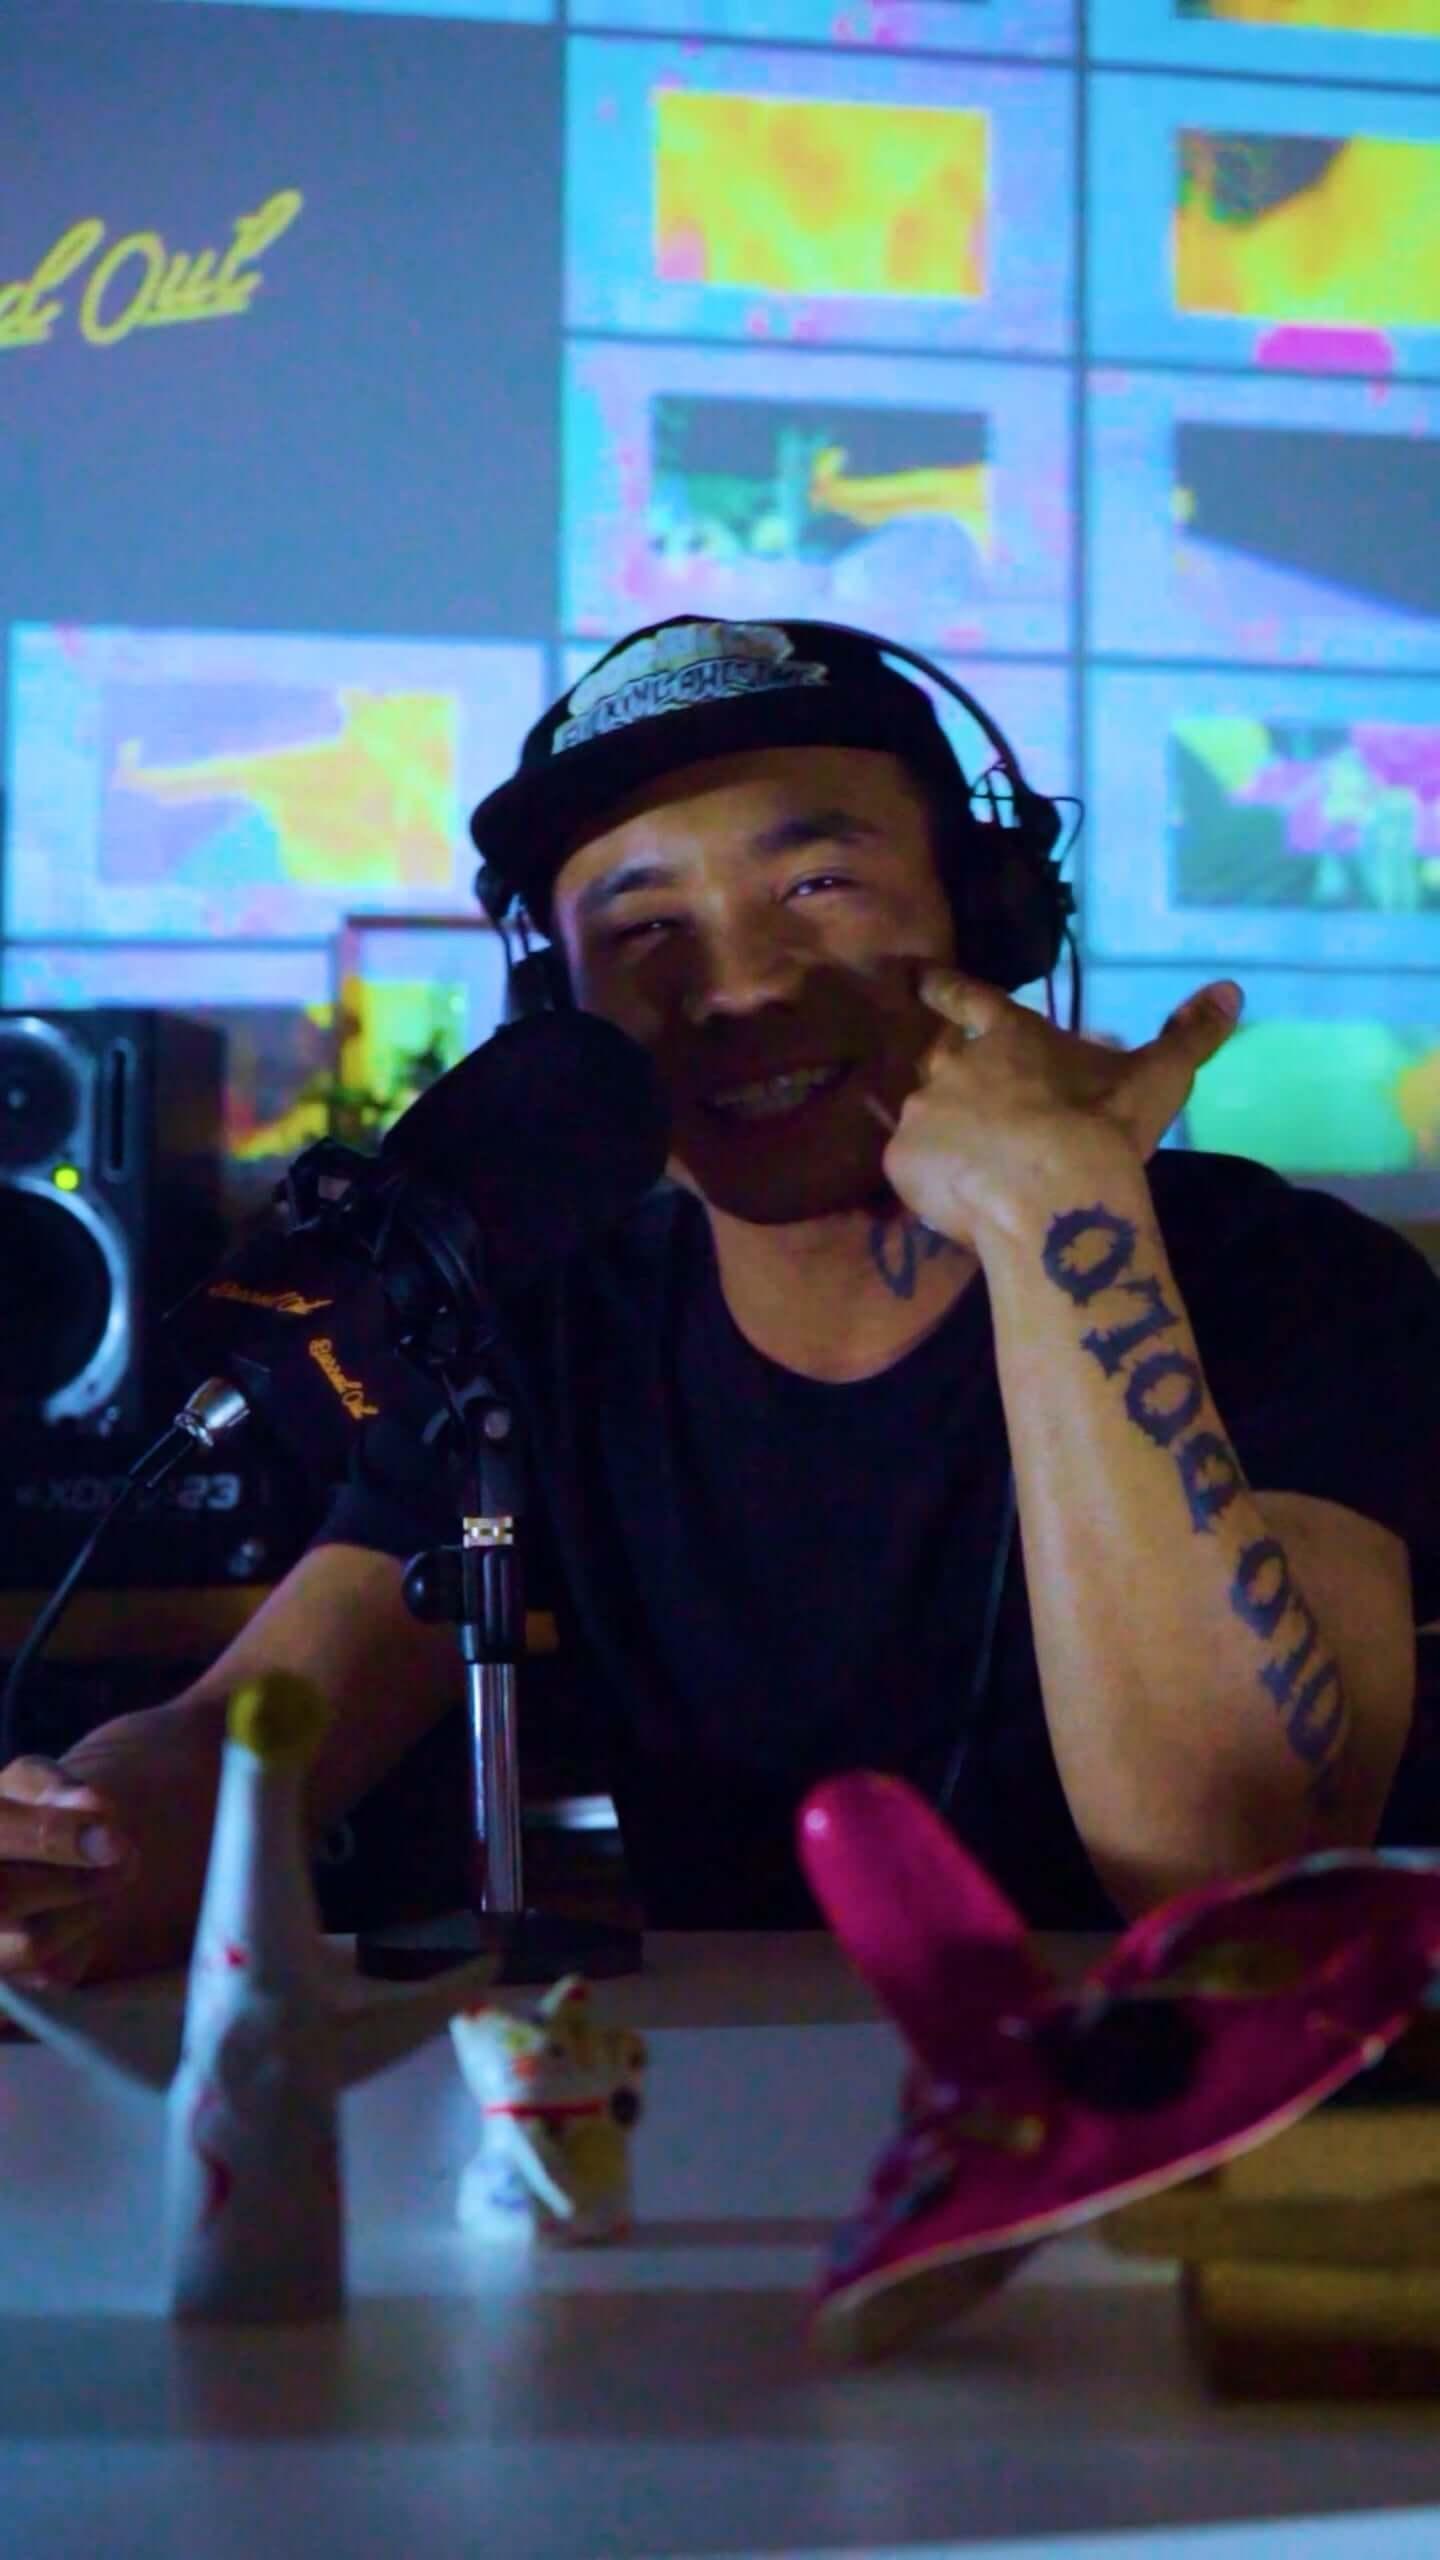 ミライがホストのYouTubeチャンネル「Barred Out Freestyle」がスタート|Zeebra、Jin Doggがゲストでフリースタイルを披露! music191217_barredout_02-1440x2560